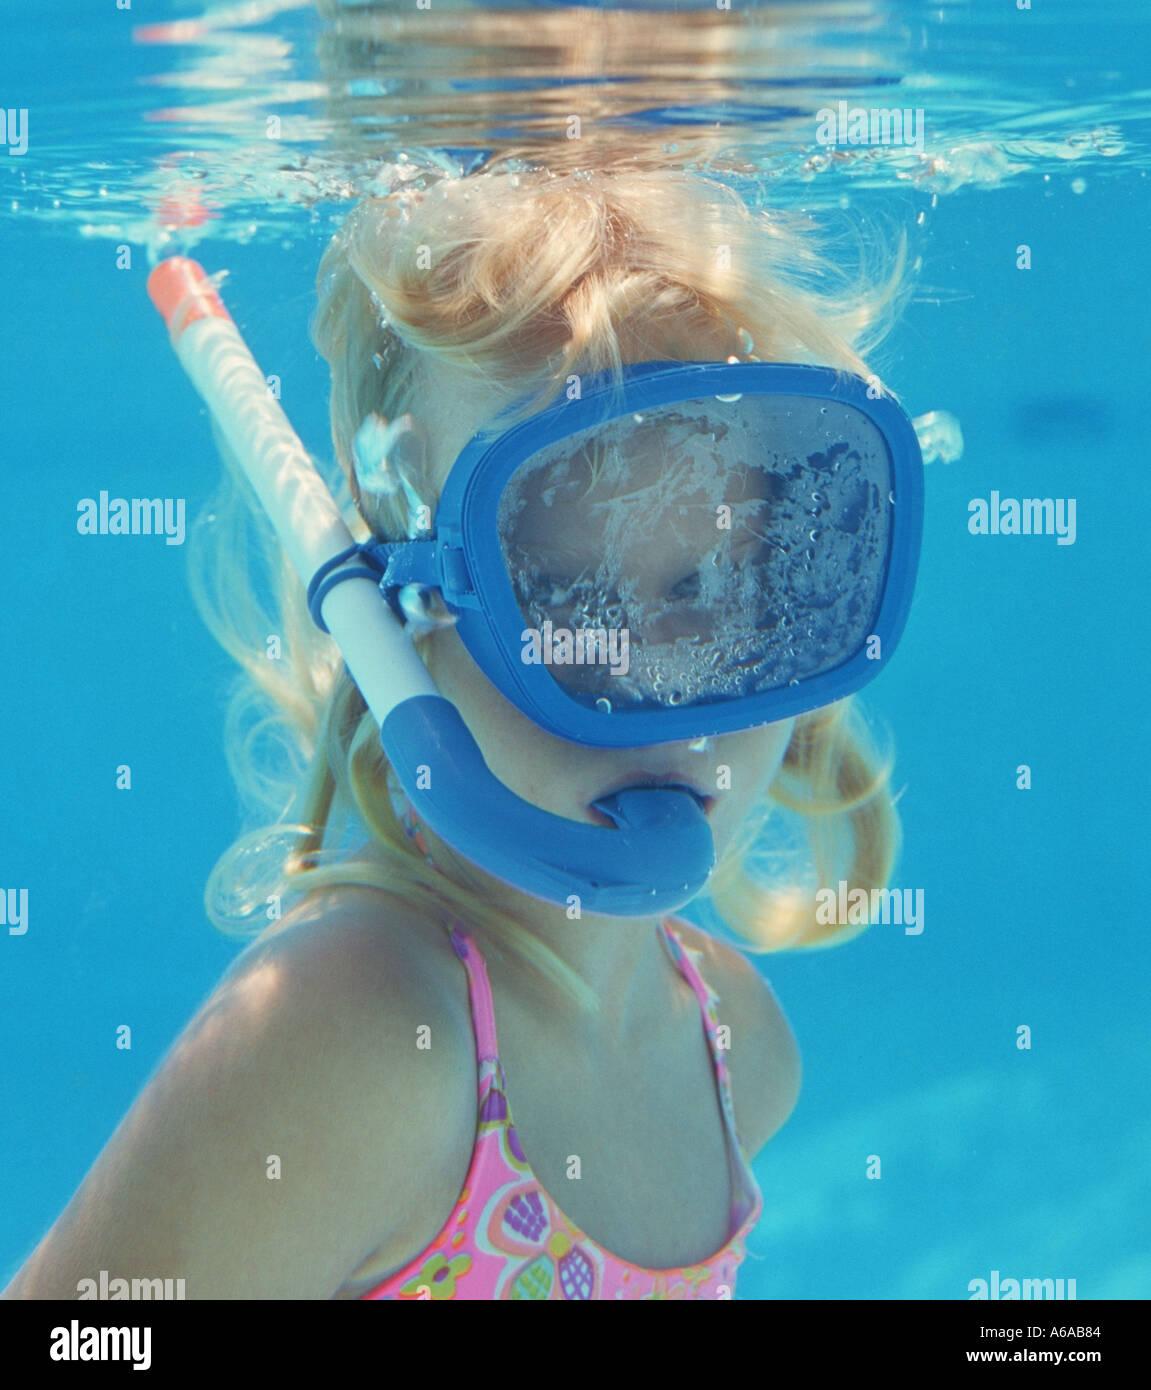 Piccola ragazza subacquei con maschera e snorkel Immagini Stock